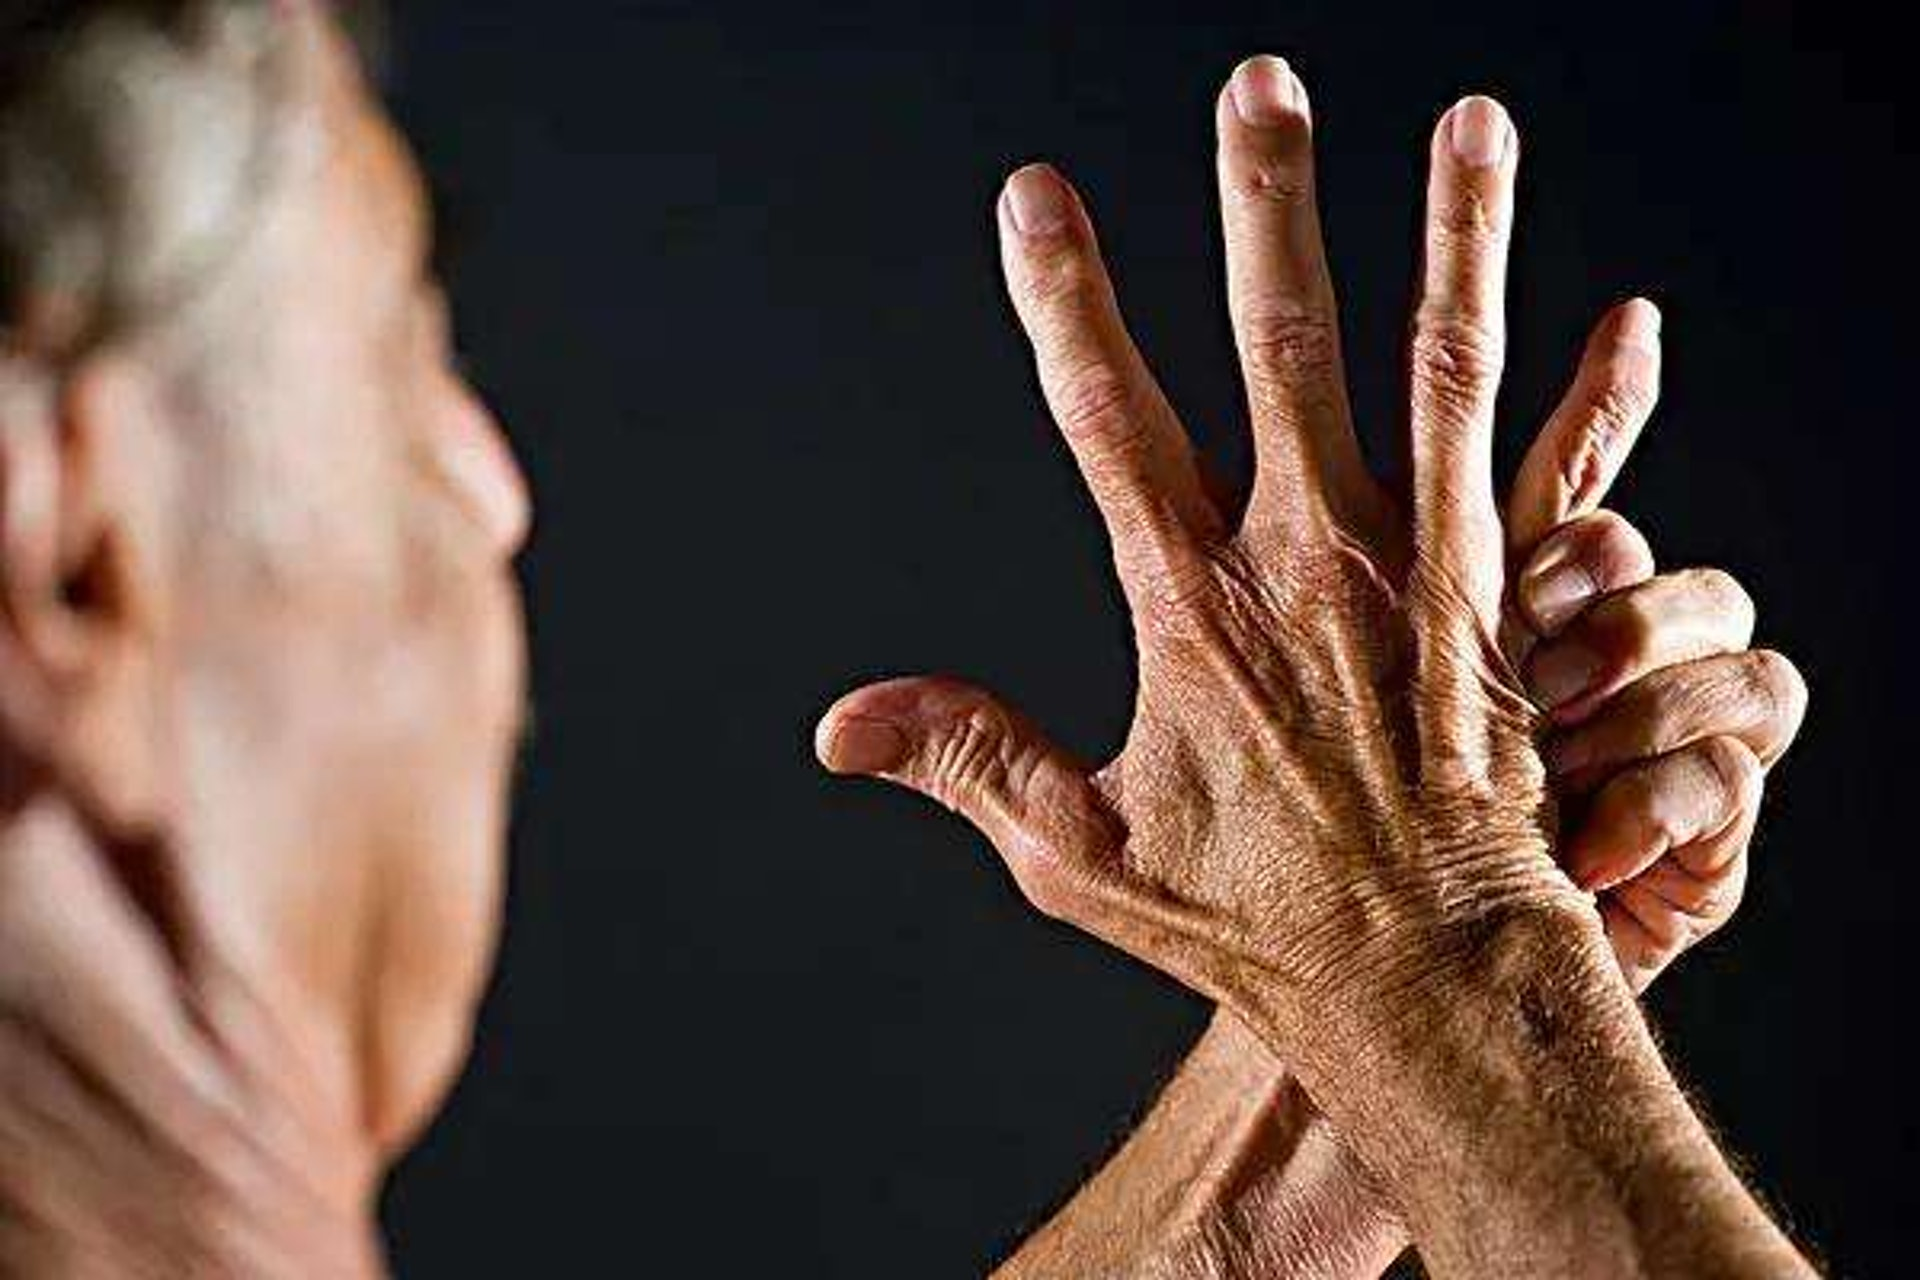 早上發作的通常是退化性關節炎或類風濕關節炎;痛風性關節炎則通常在晚上發作。(圖片:ifuun)